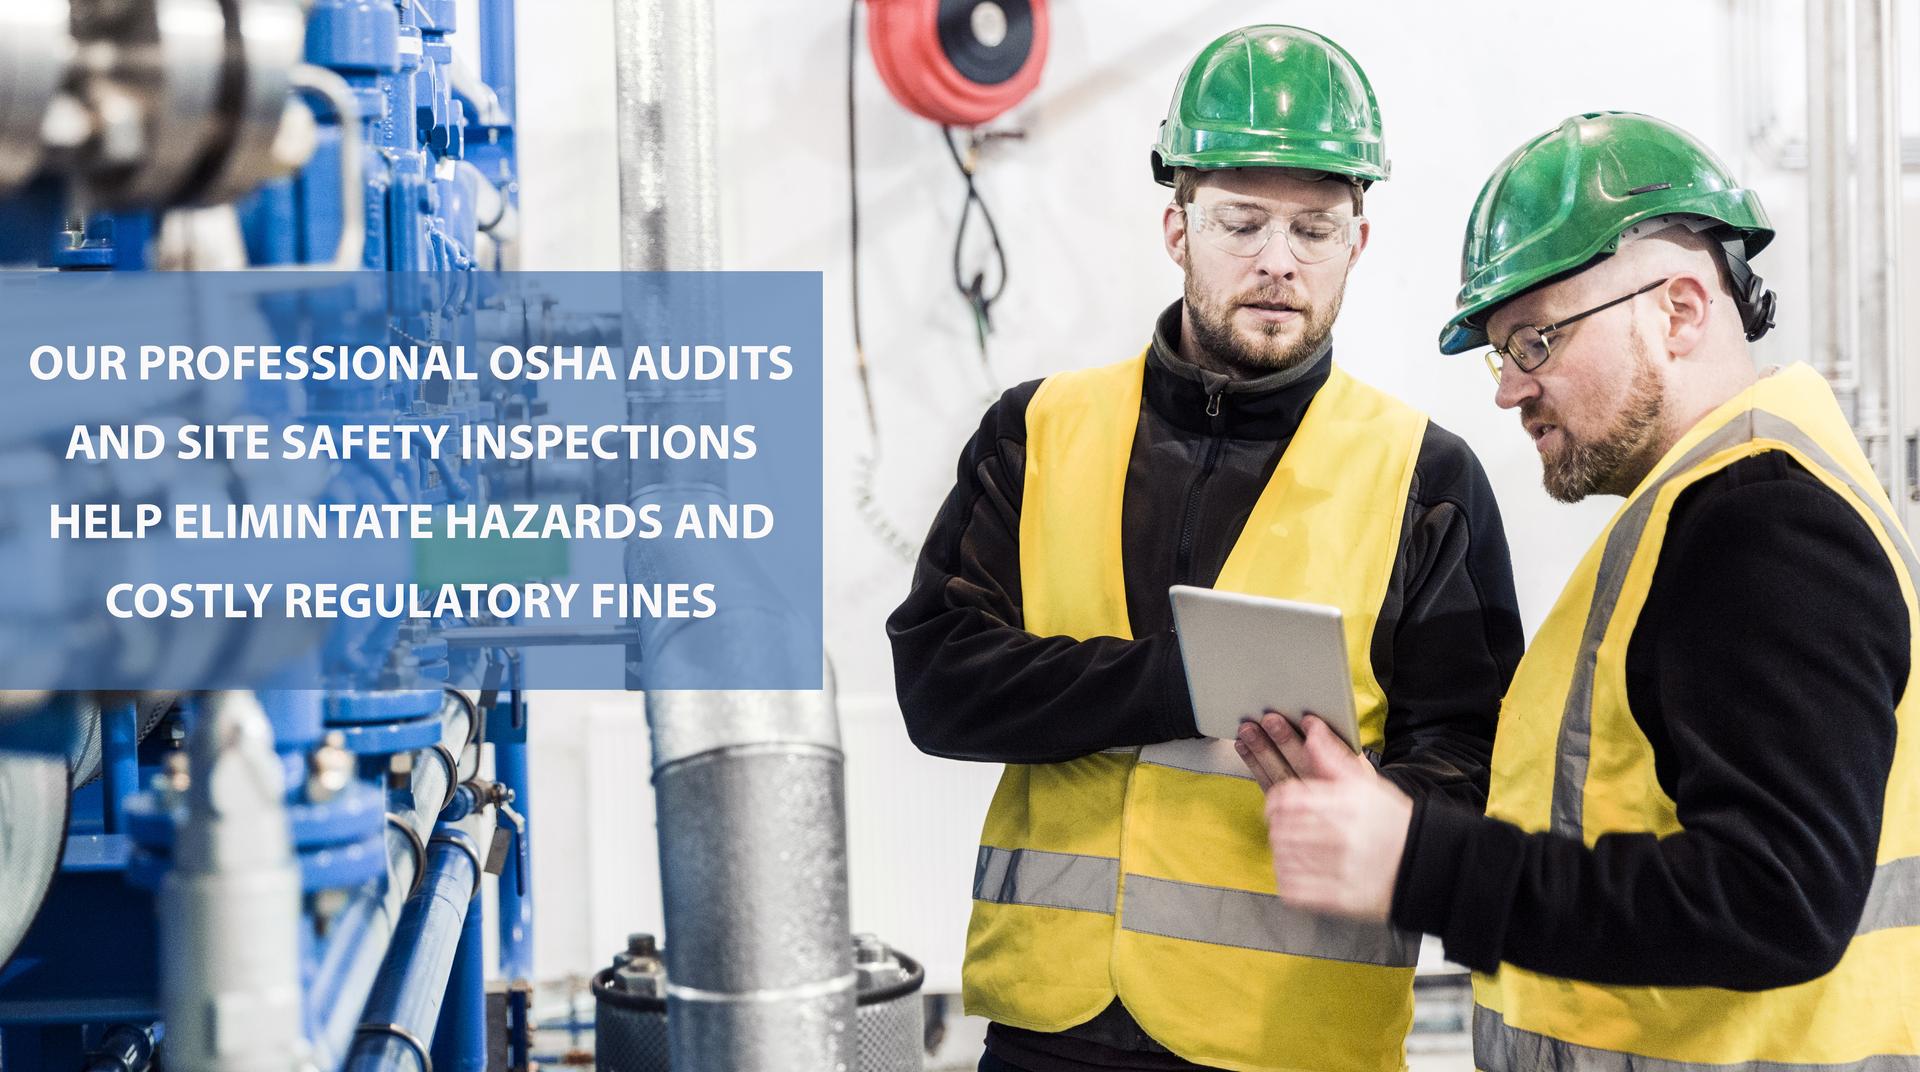 Steve greenberg irvine audit - Steven Brooks President Of Safetynet Inc